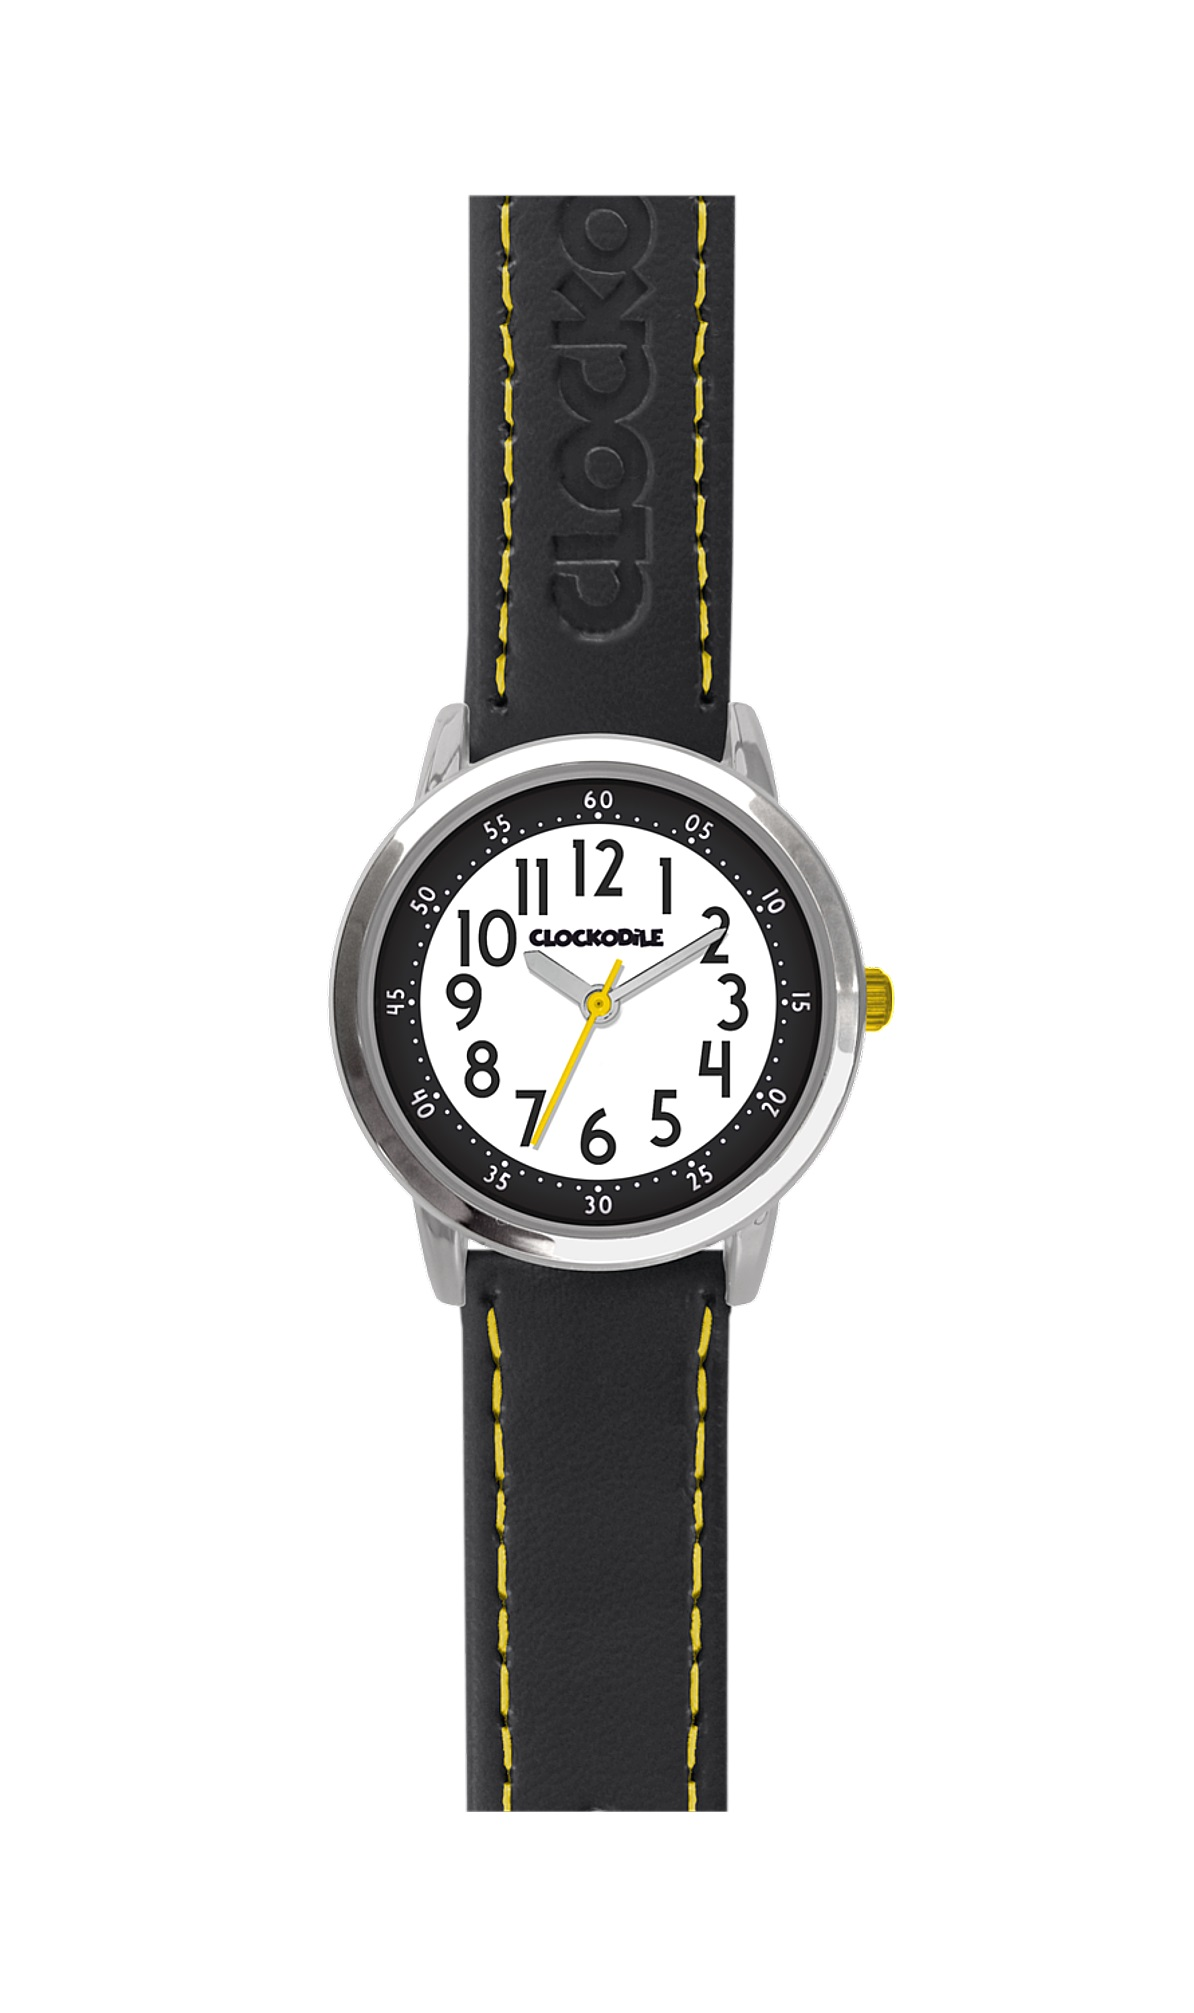 Dětské černé chlapecké hodinky CLOCKODILE COLOURCWB0011 (CWB0011 - dětské  hodinky) 7e88910491